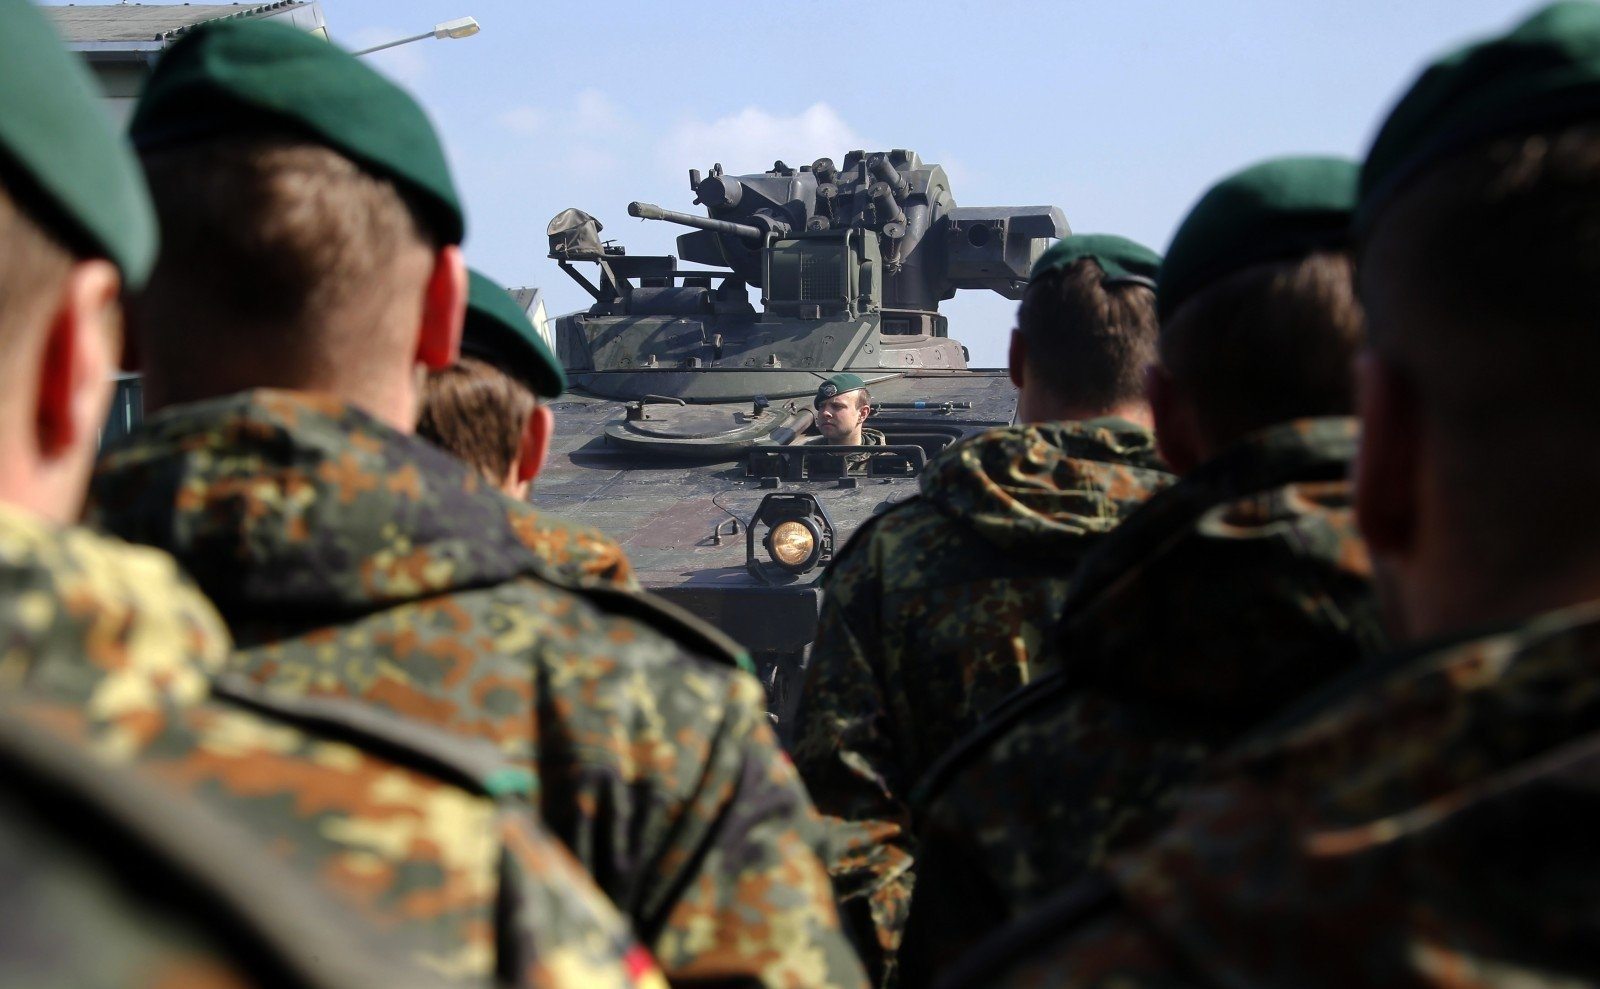 Вместо защиты Эстония может получить от НАТО открытки с соболезнованиями картинки